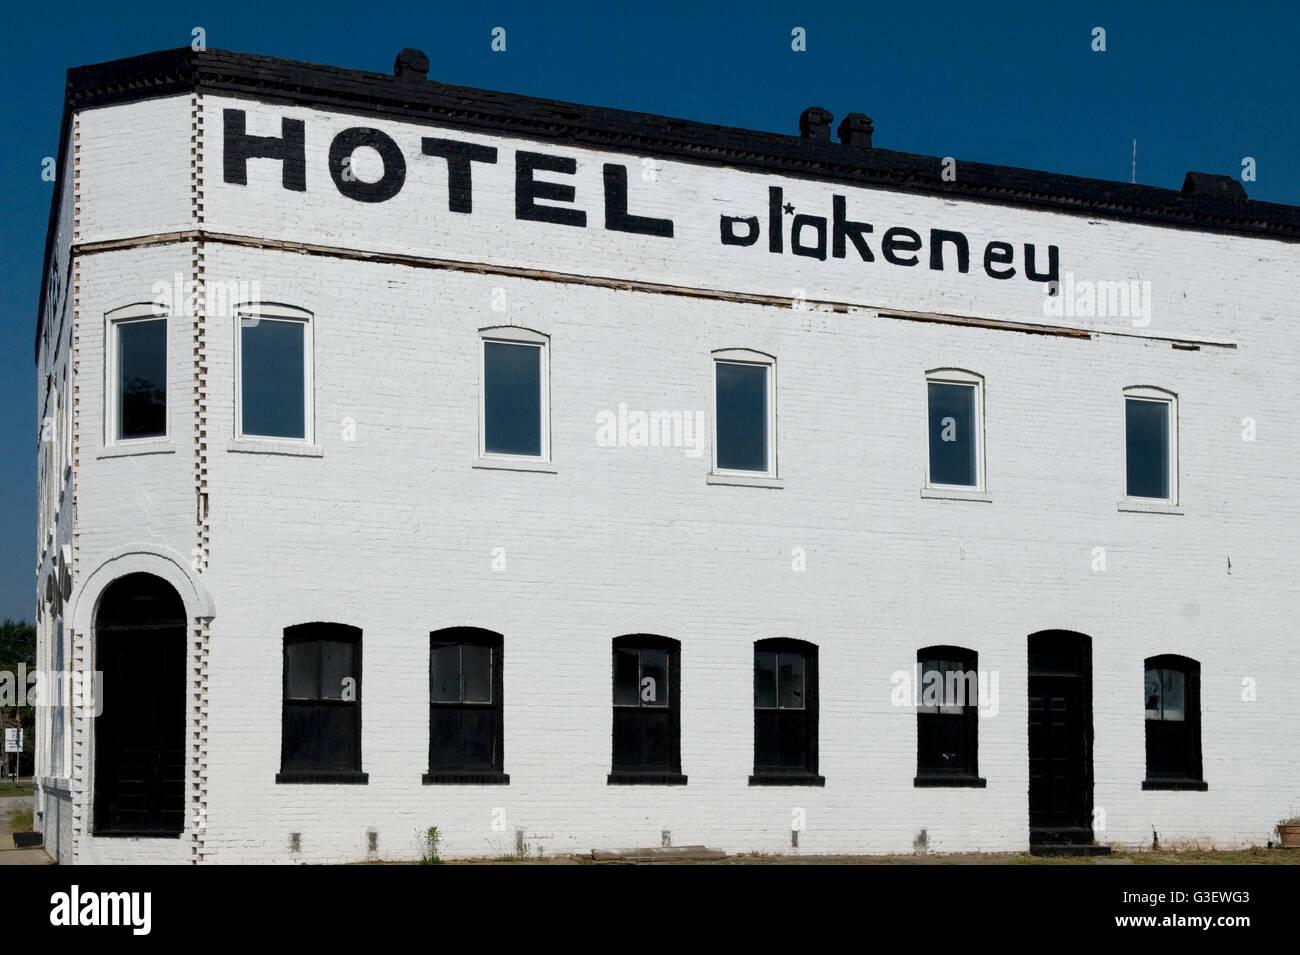 Hotel Blakeney Pageland, SC, USA. - Stock Image